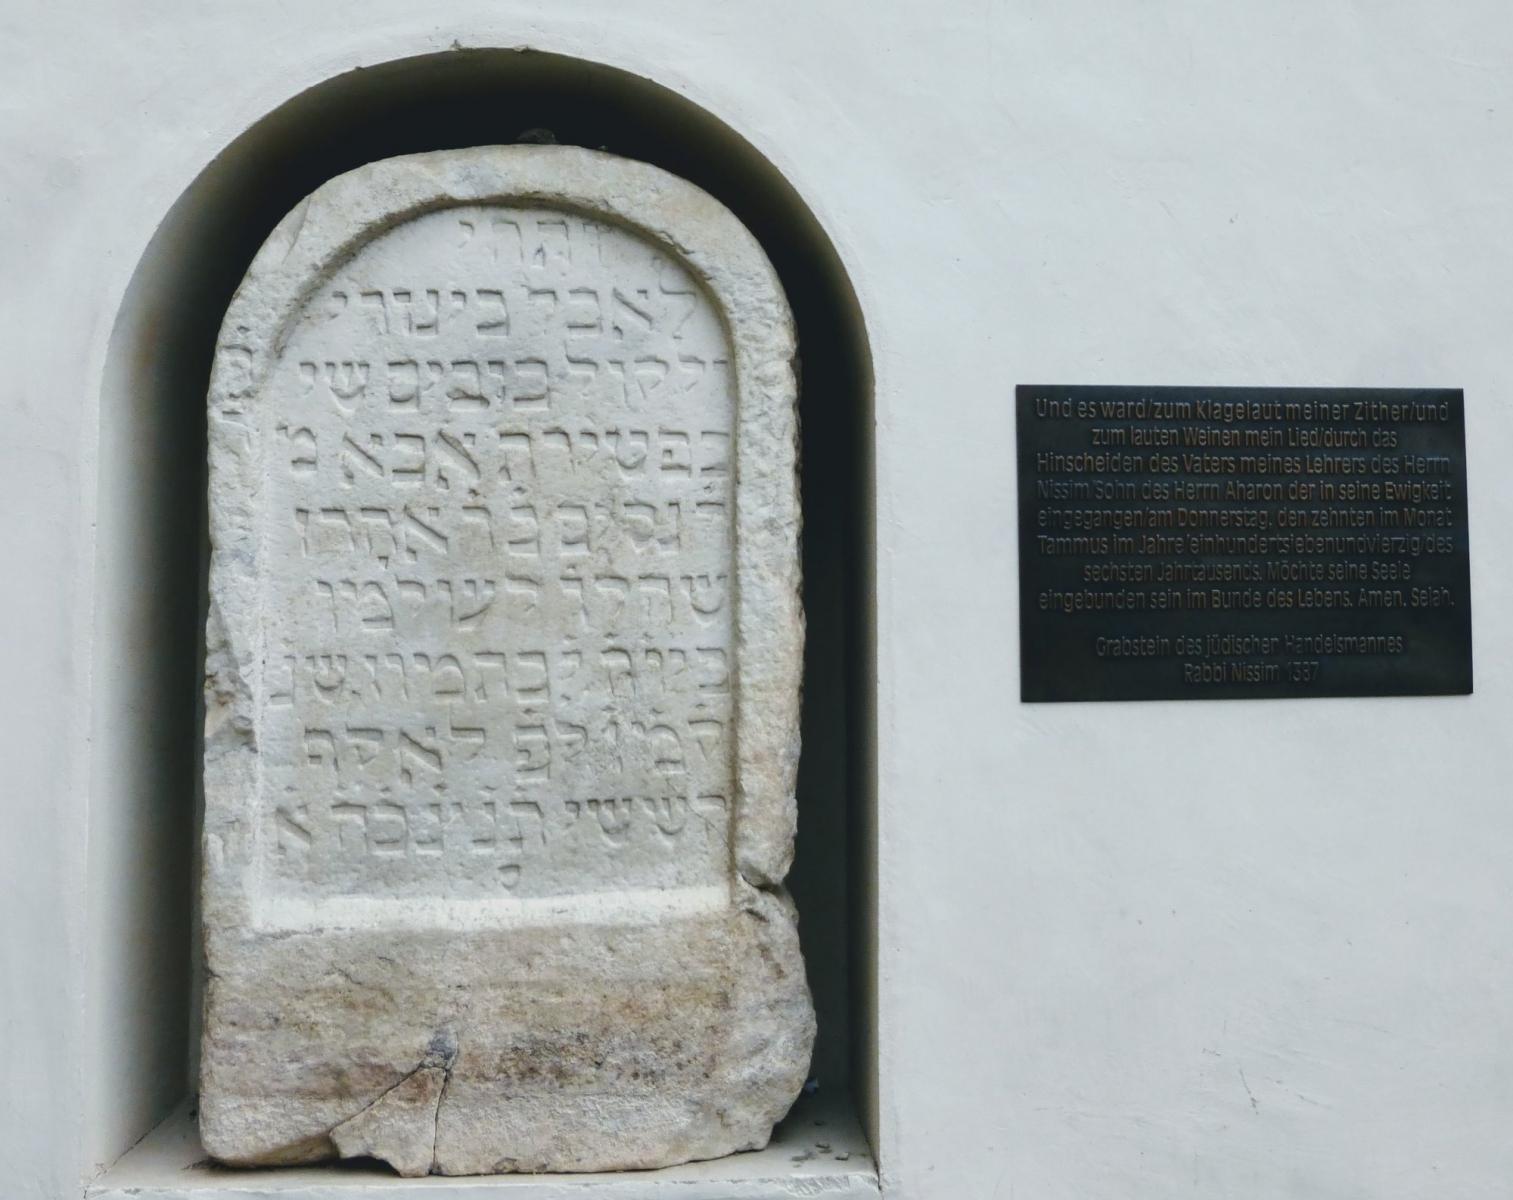 Memorial for a rabbi